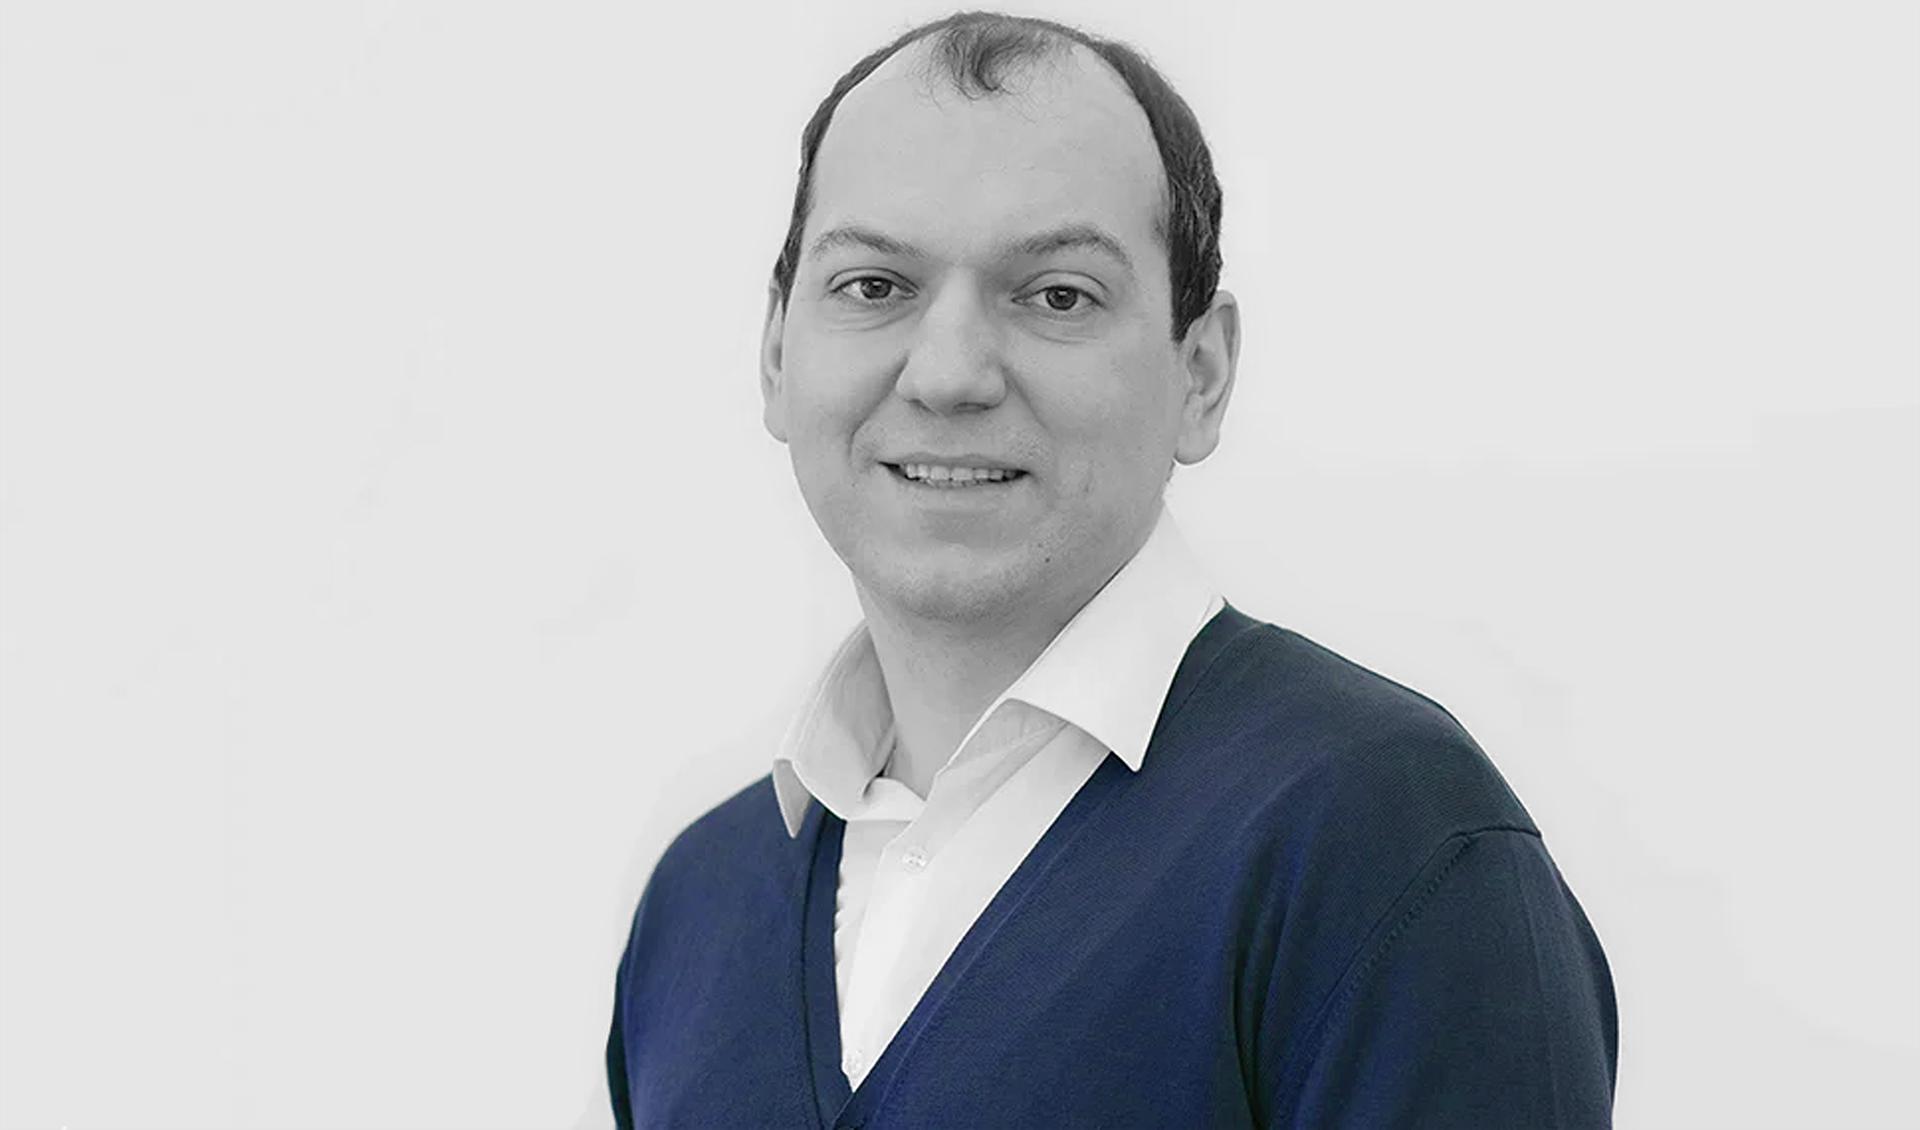 «Я начал вести блог «Первый миллион — самый сложный», когда у меня не было ни копейки», — Любомир Остапив, основатель сервиса iPlan